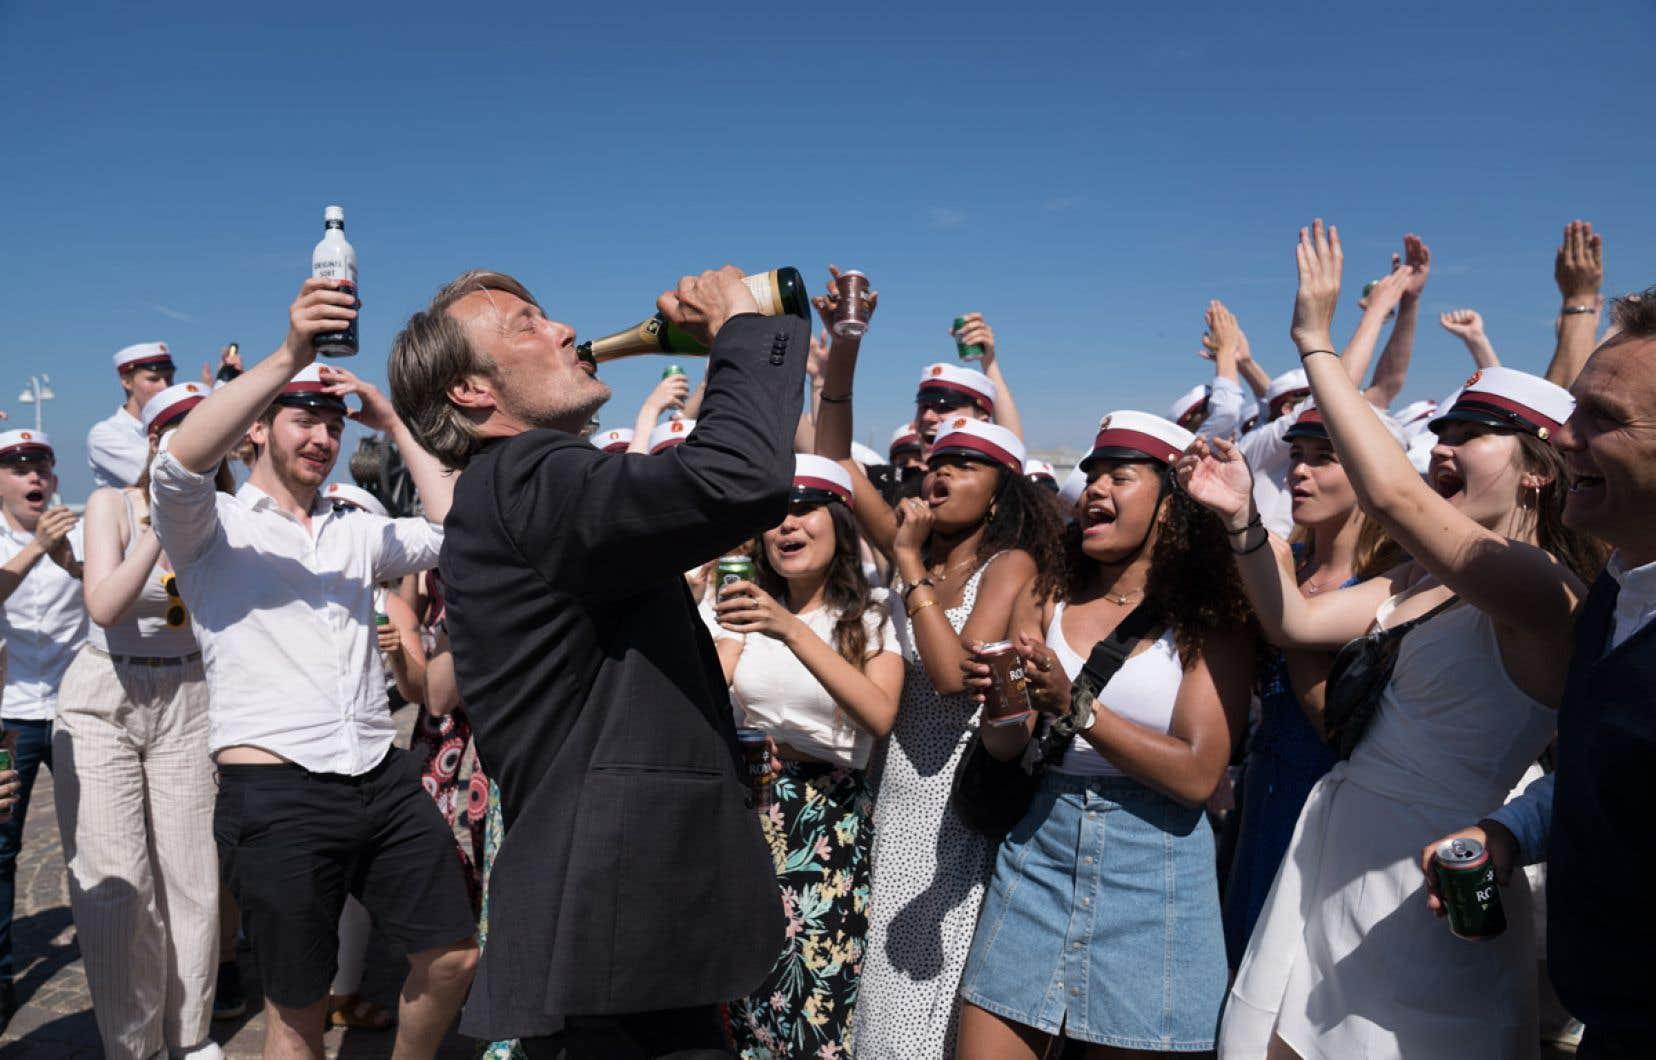 En toile de fond des frasques de Martin (Mads Mikkelsen) et de sa bande, le film montre une société danoise où la consommation rituelle d'alcool est bien implantée.